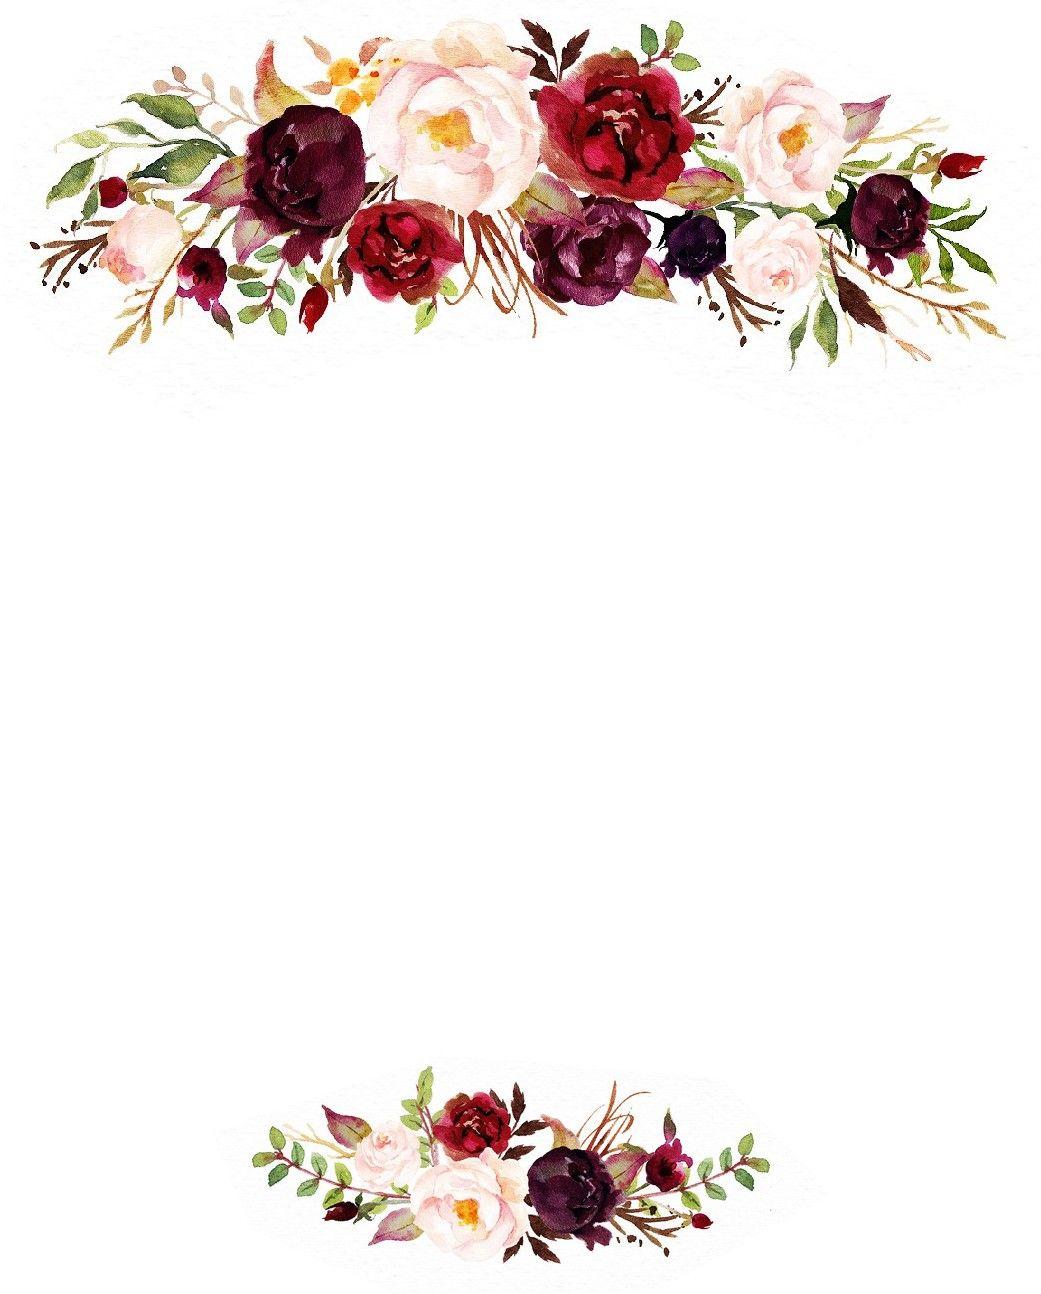 بالصور صور خلفيات ورد , اجمل الخلفيات الوردية الرائعه 4303 5